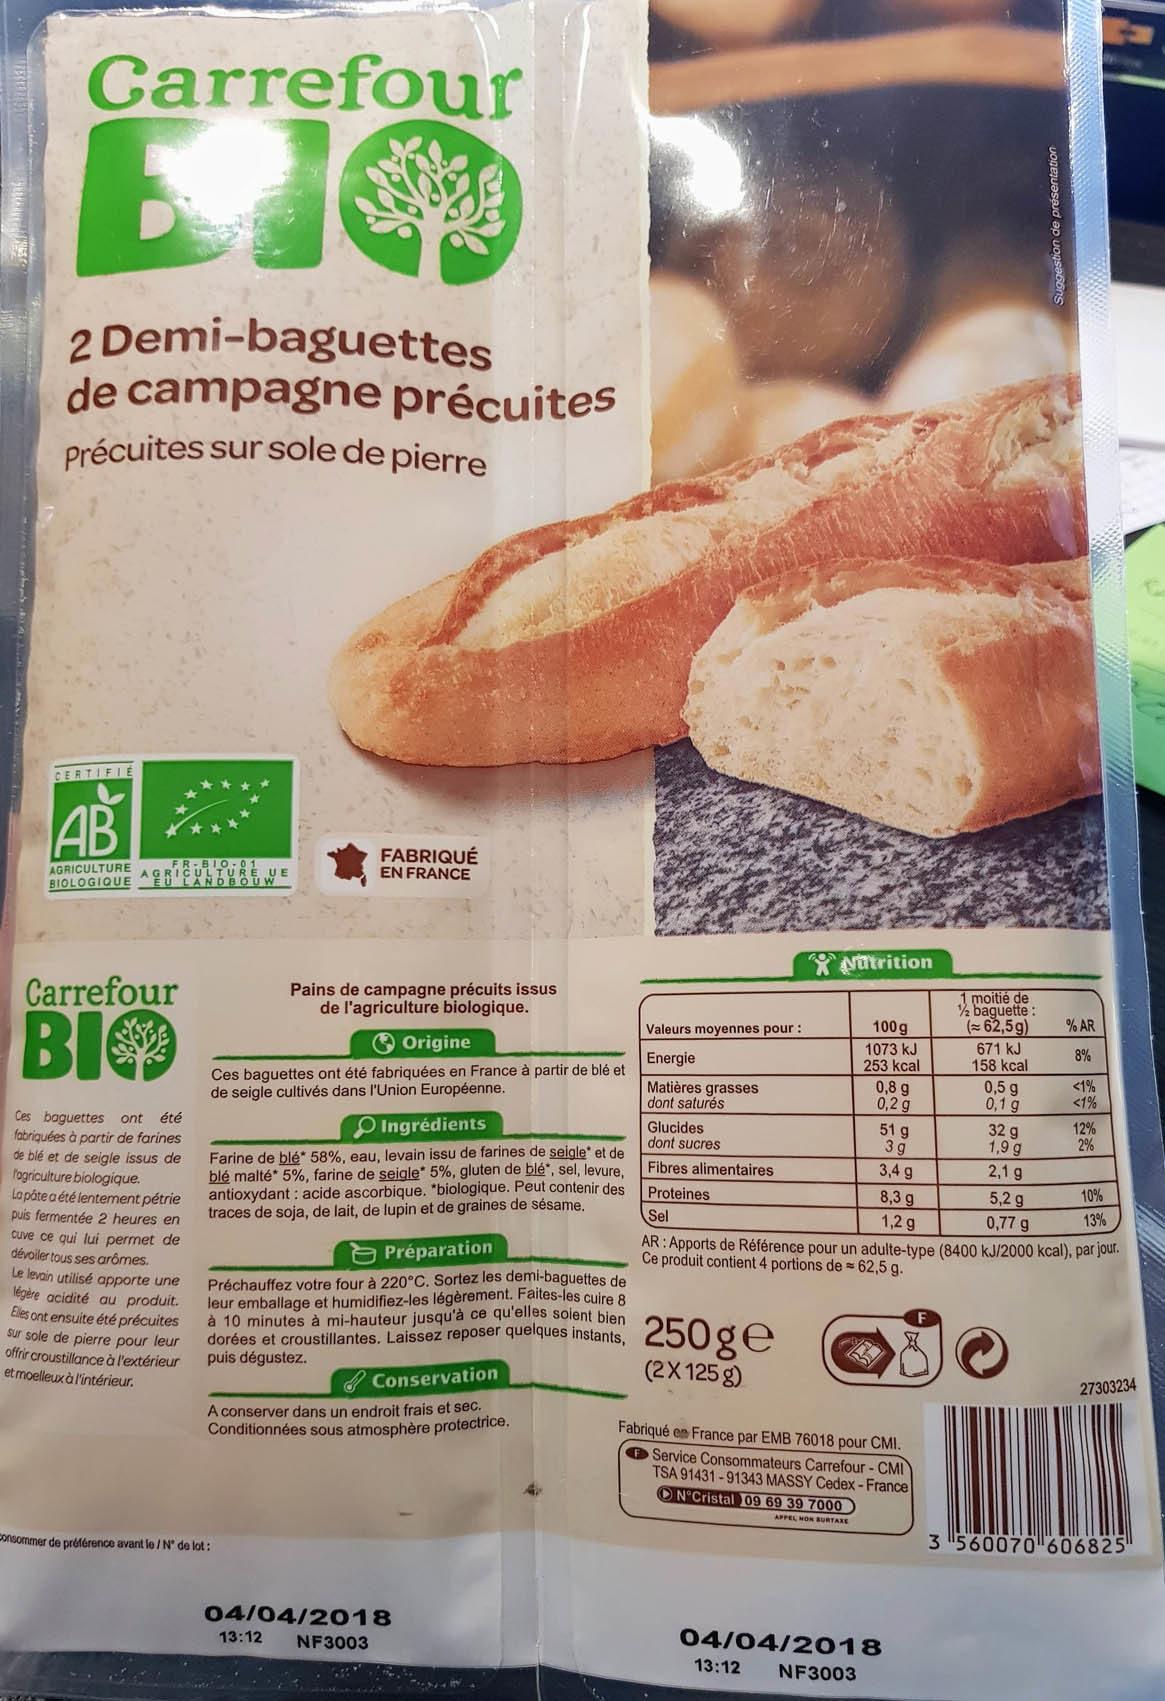 Demi-baguette De Campagne Pre-cuites x2 - 250g - Produit - fr